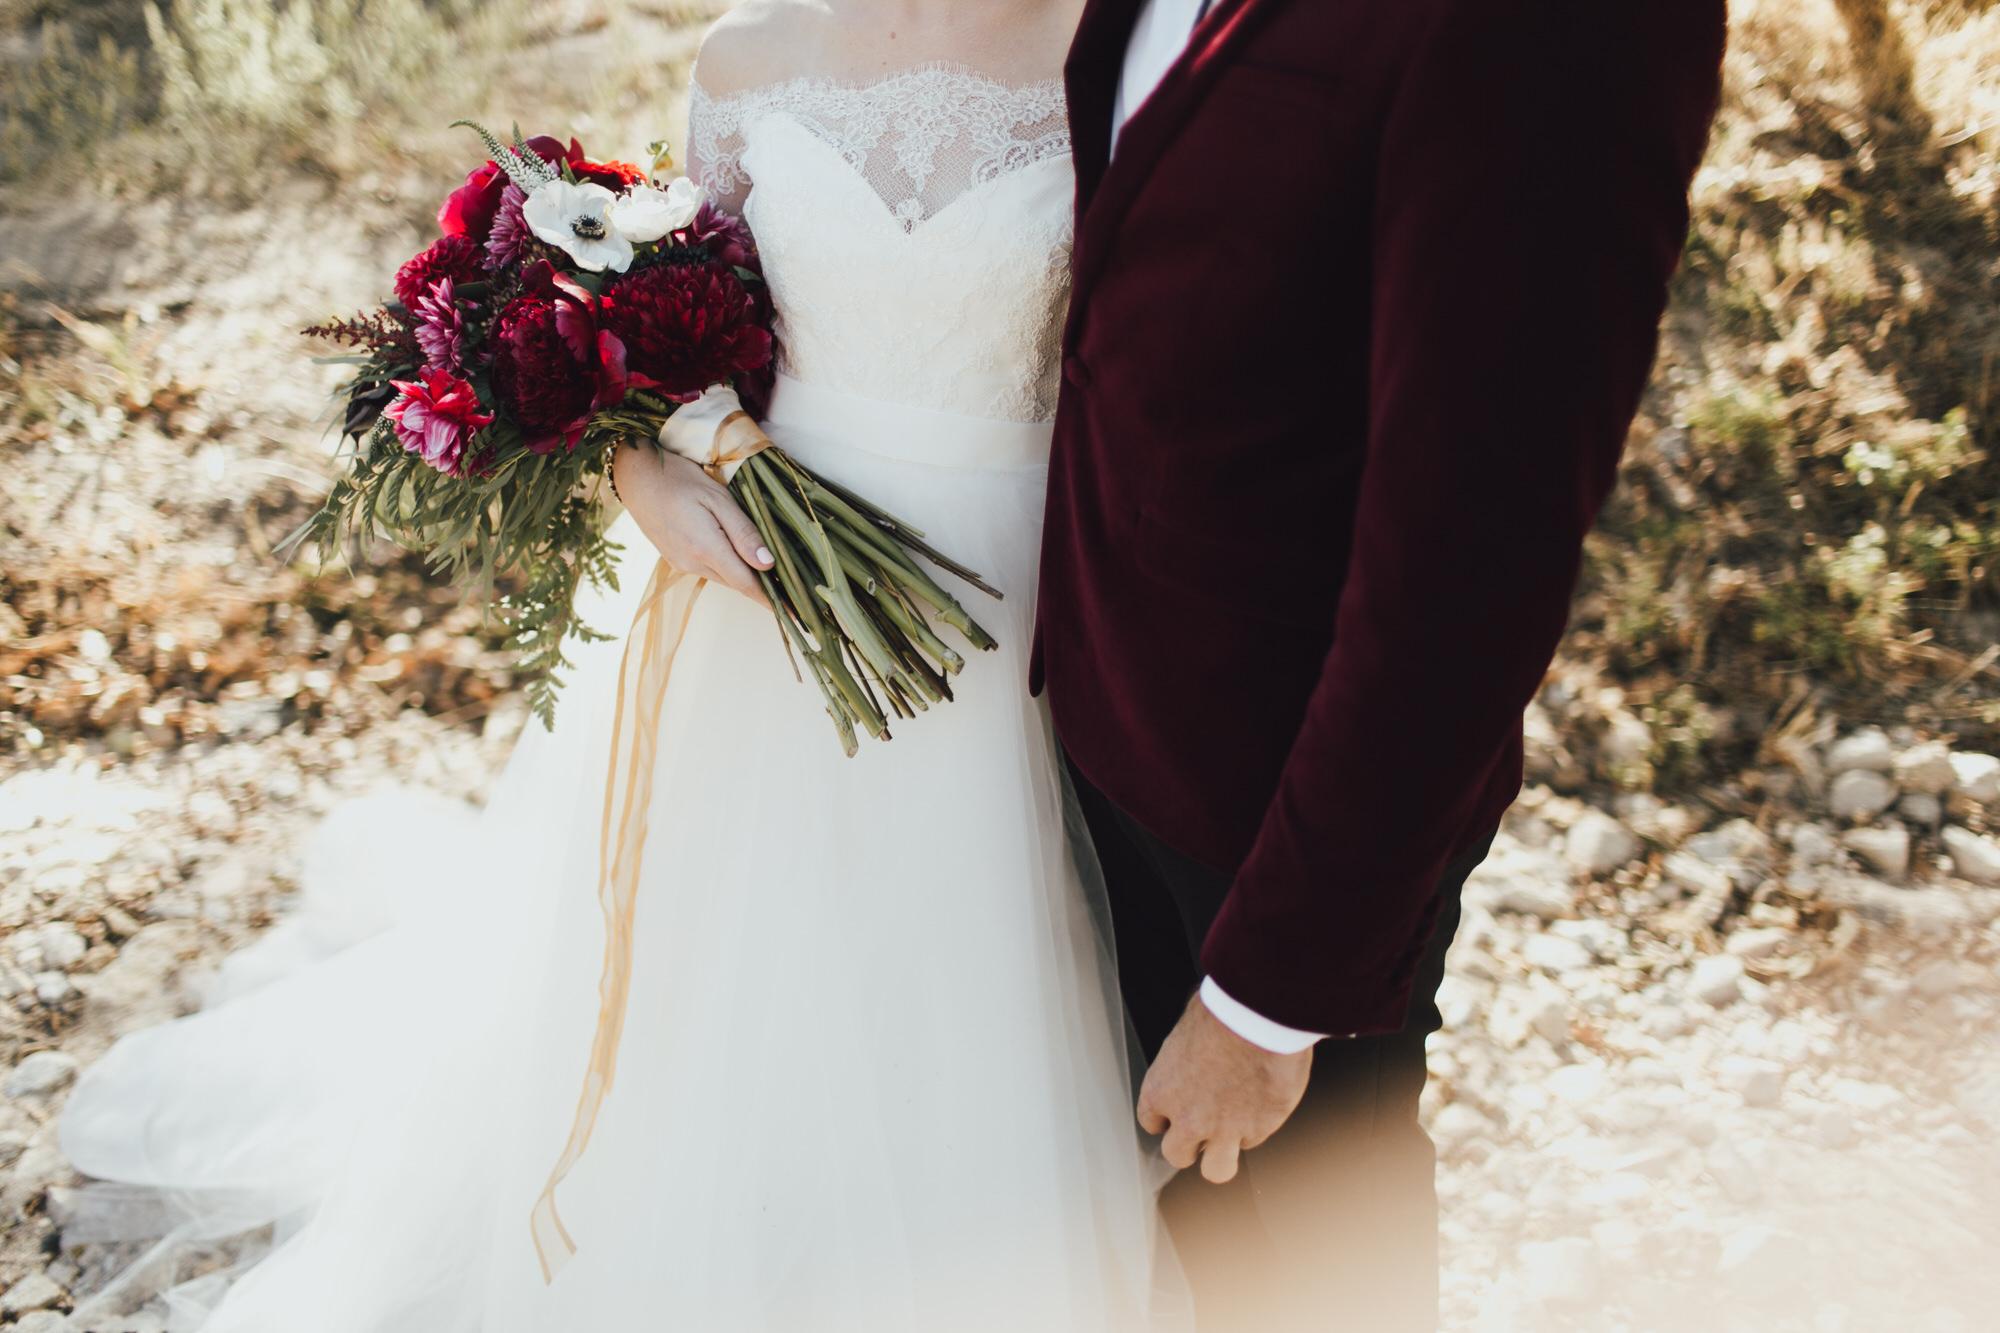 Wedding day details